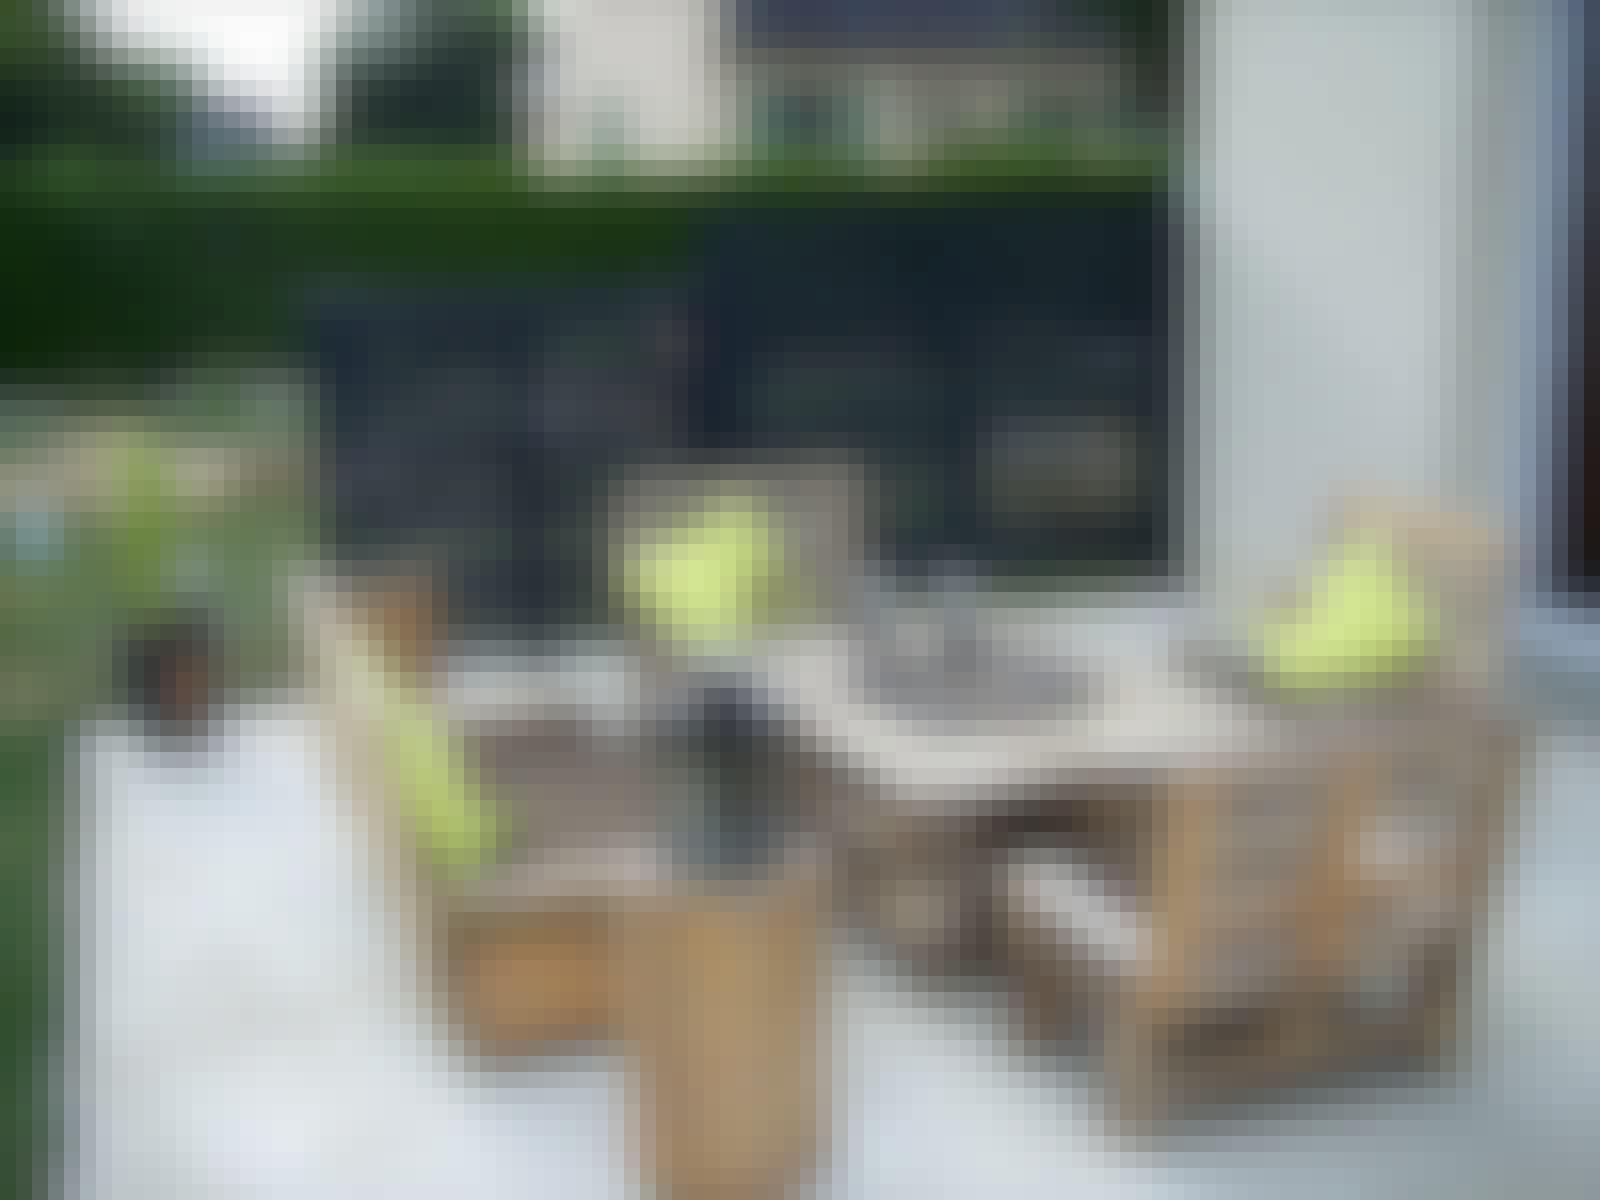 paller møbler terrasse